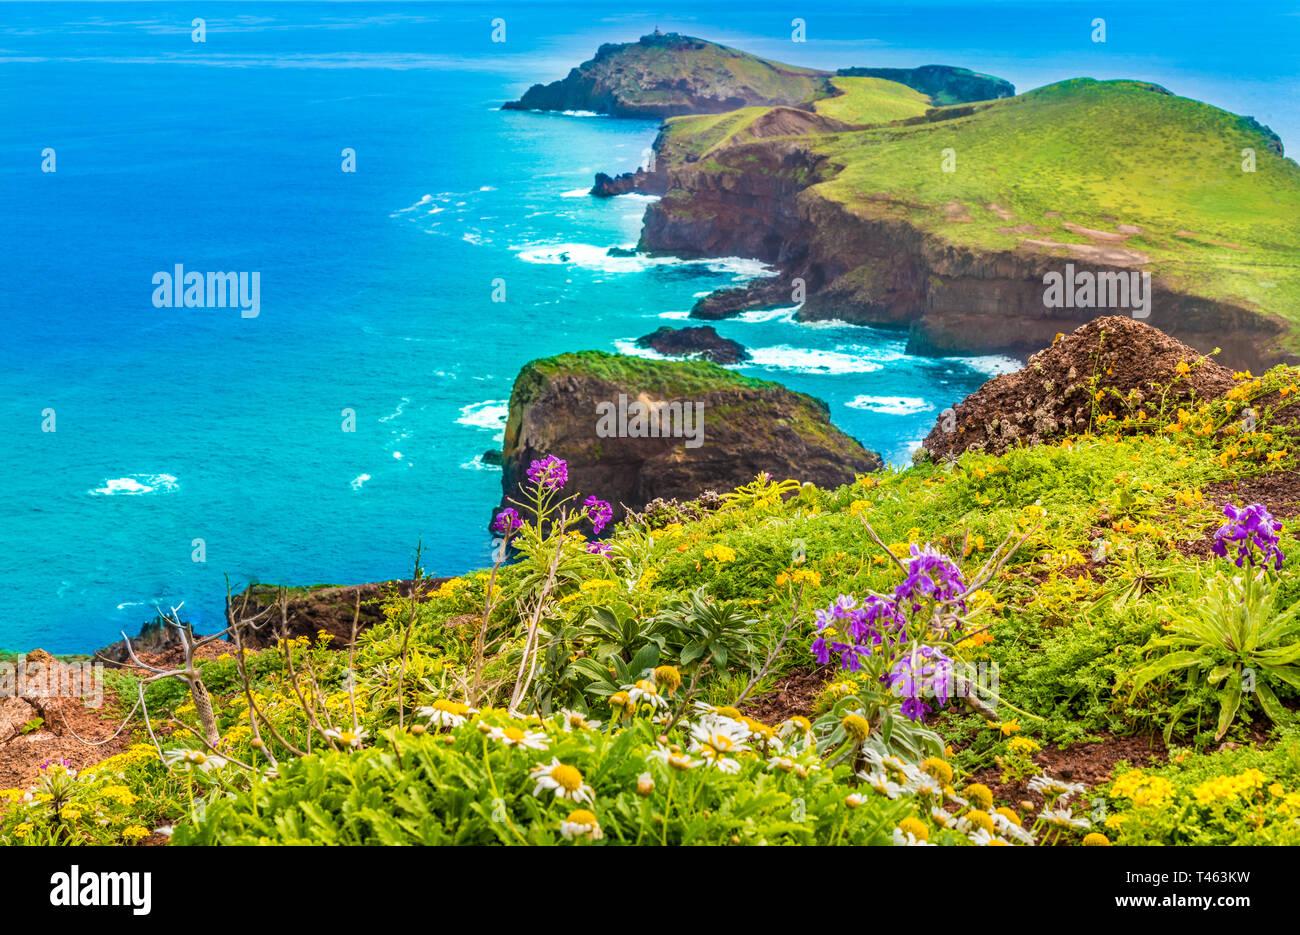 Ponta de Sao Lourenco, Madeira islands, Portugal - Stock Image